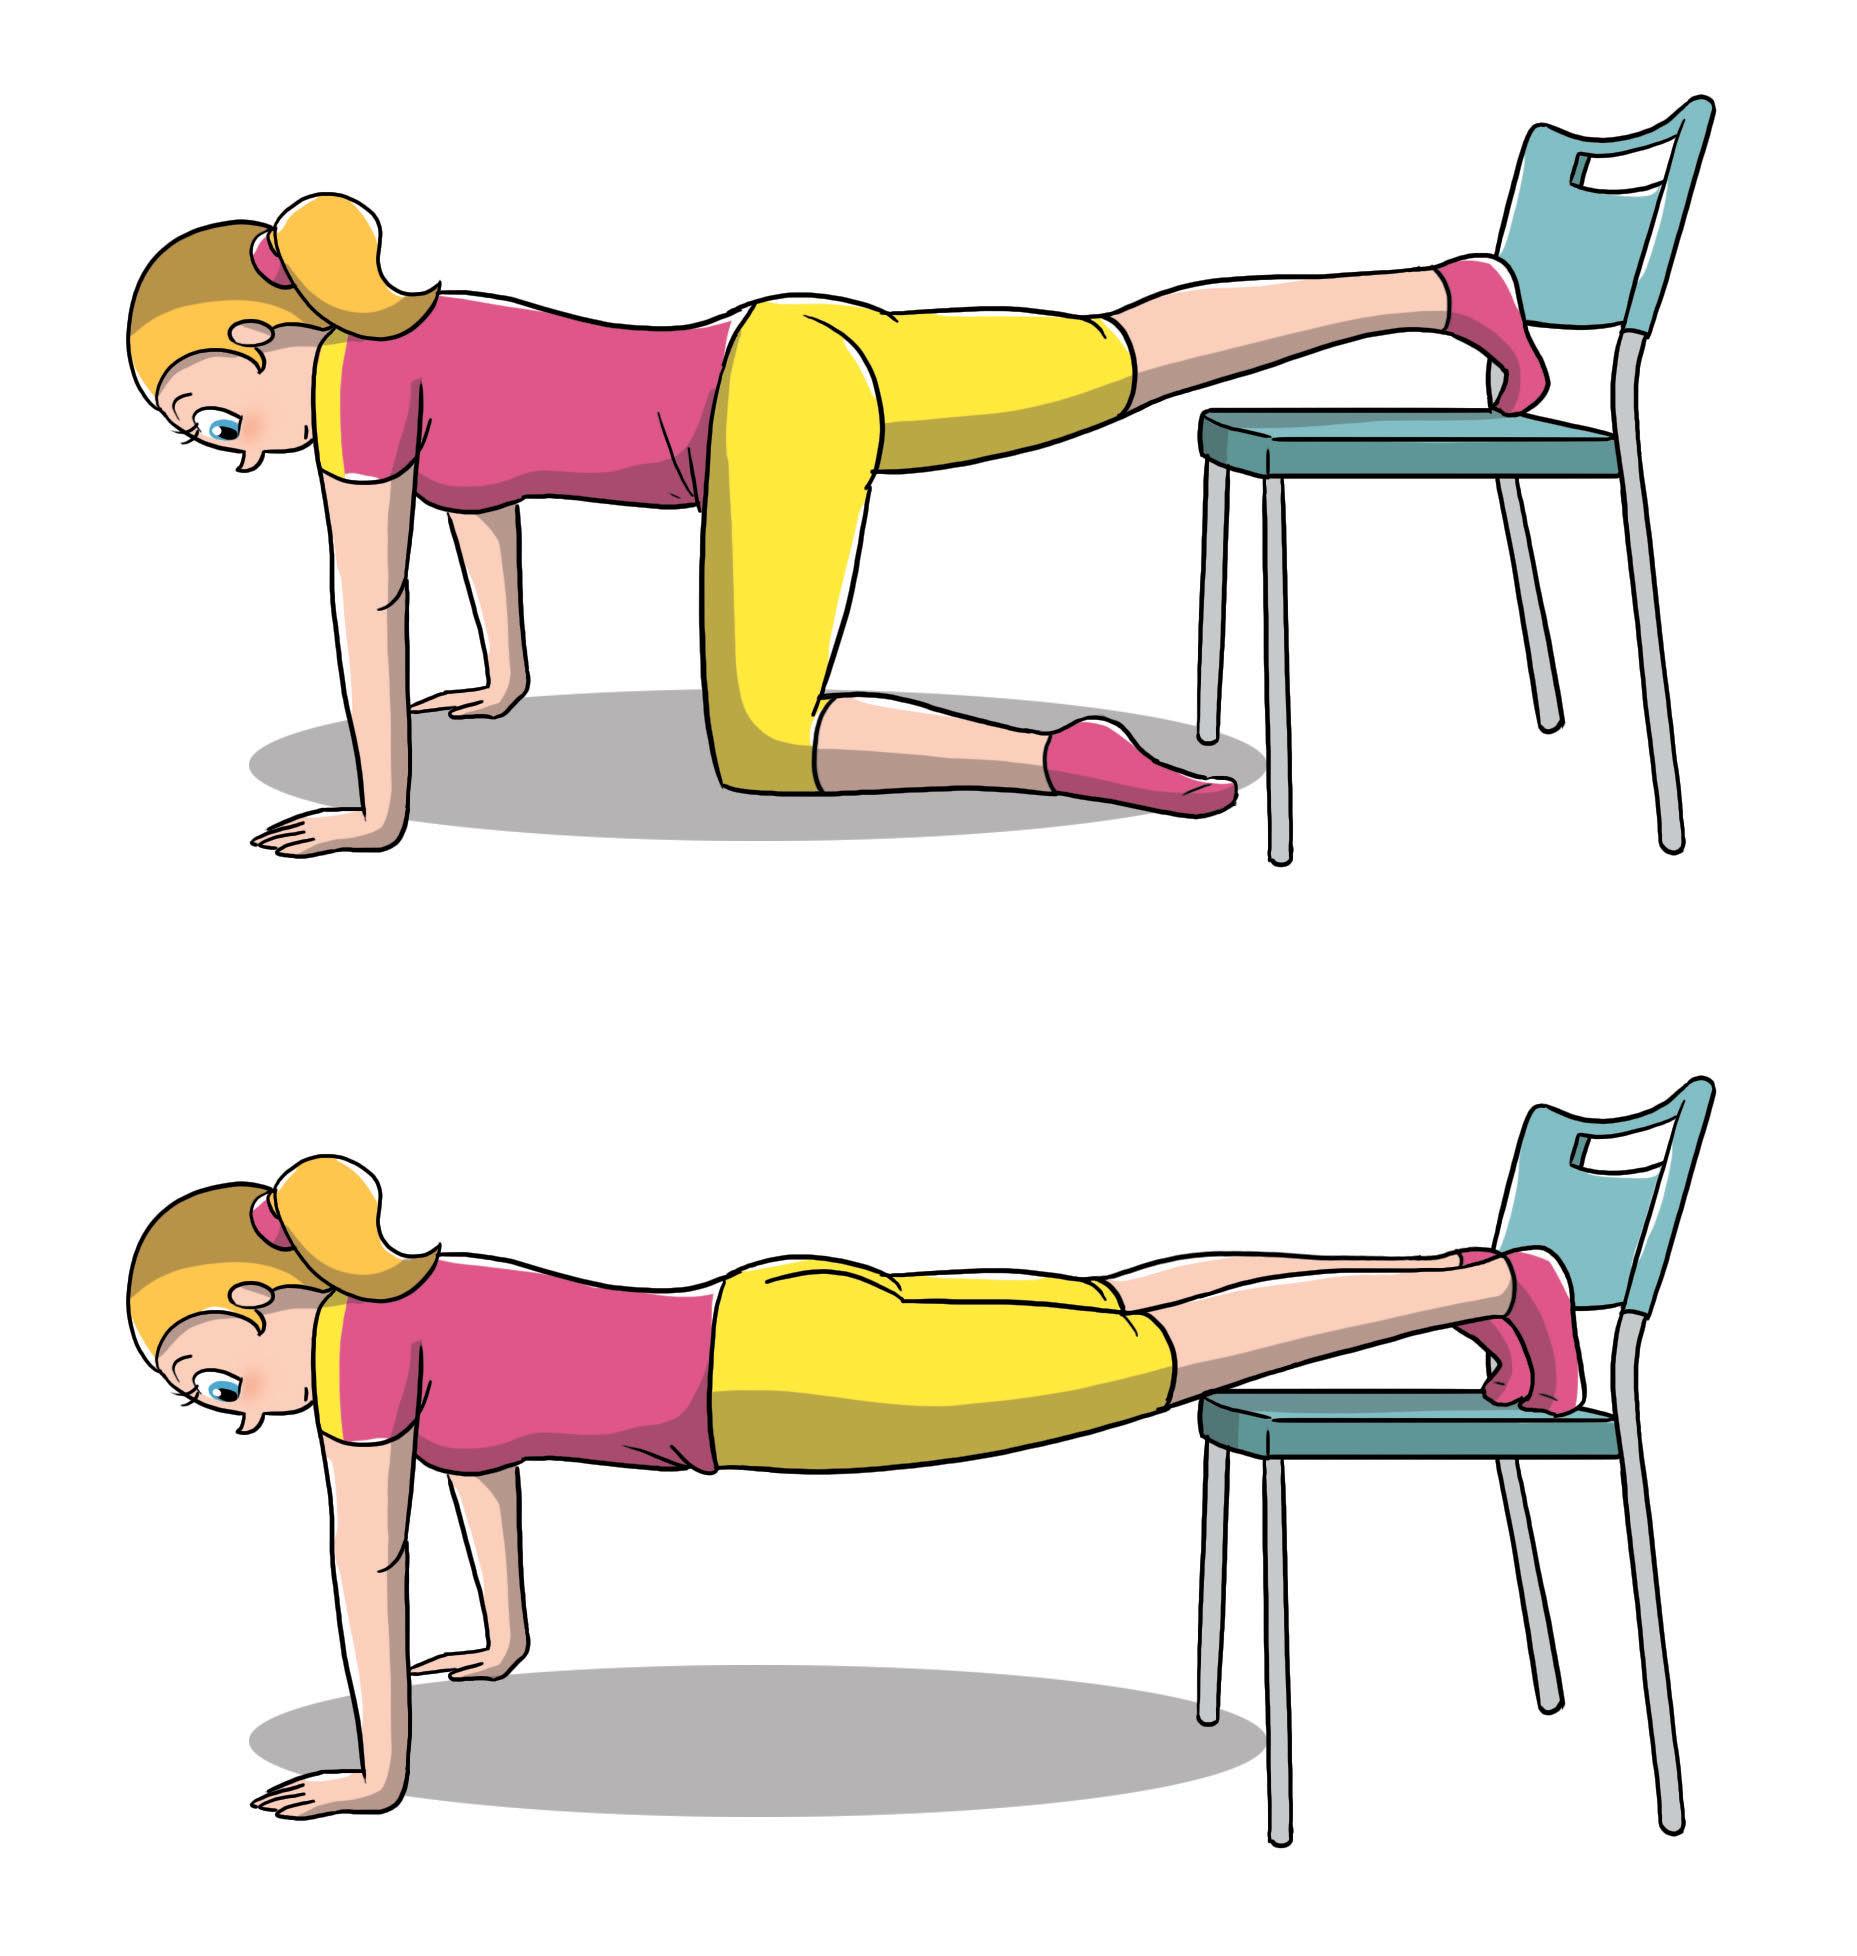 ejercicios de silla abdominal: flexiones